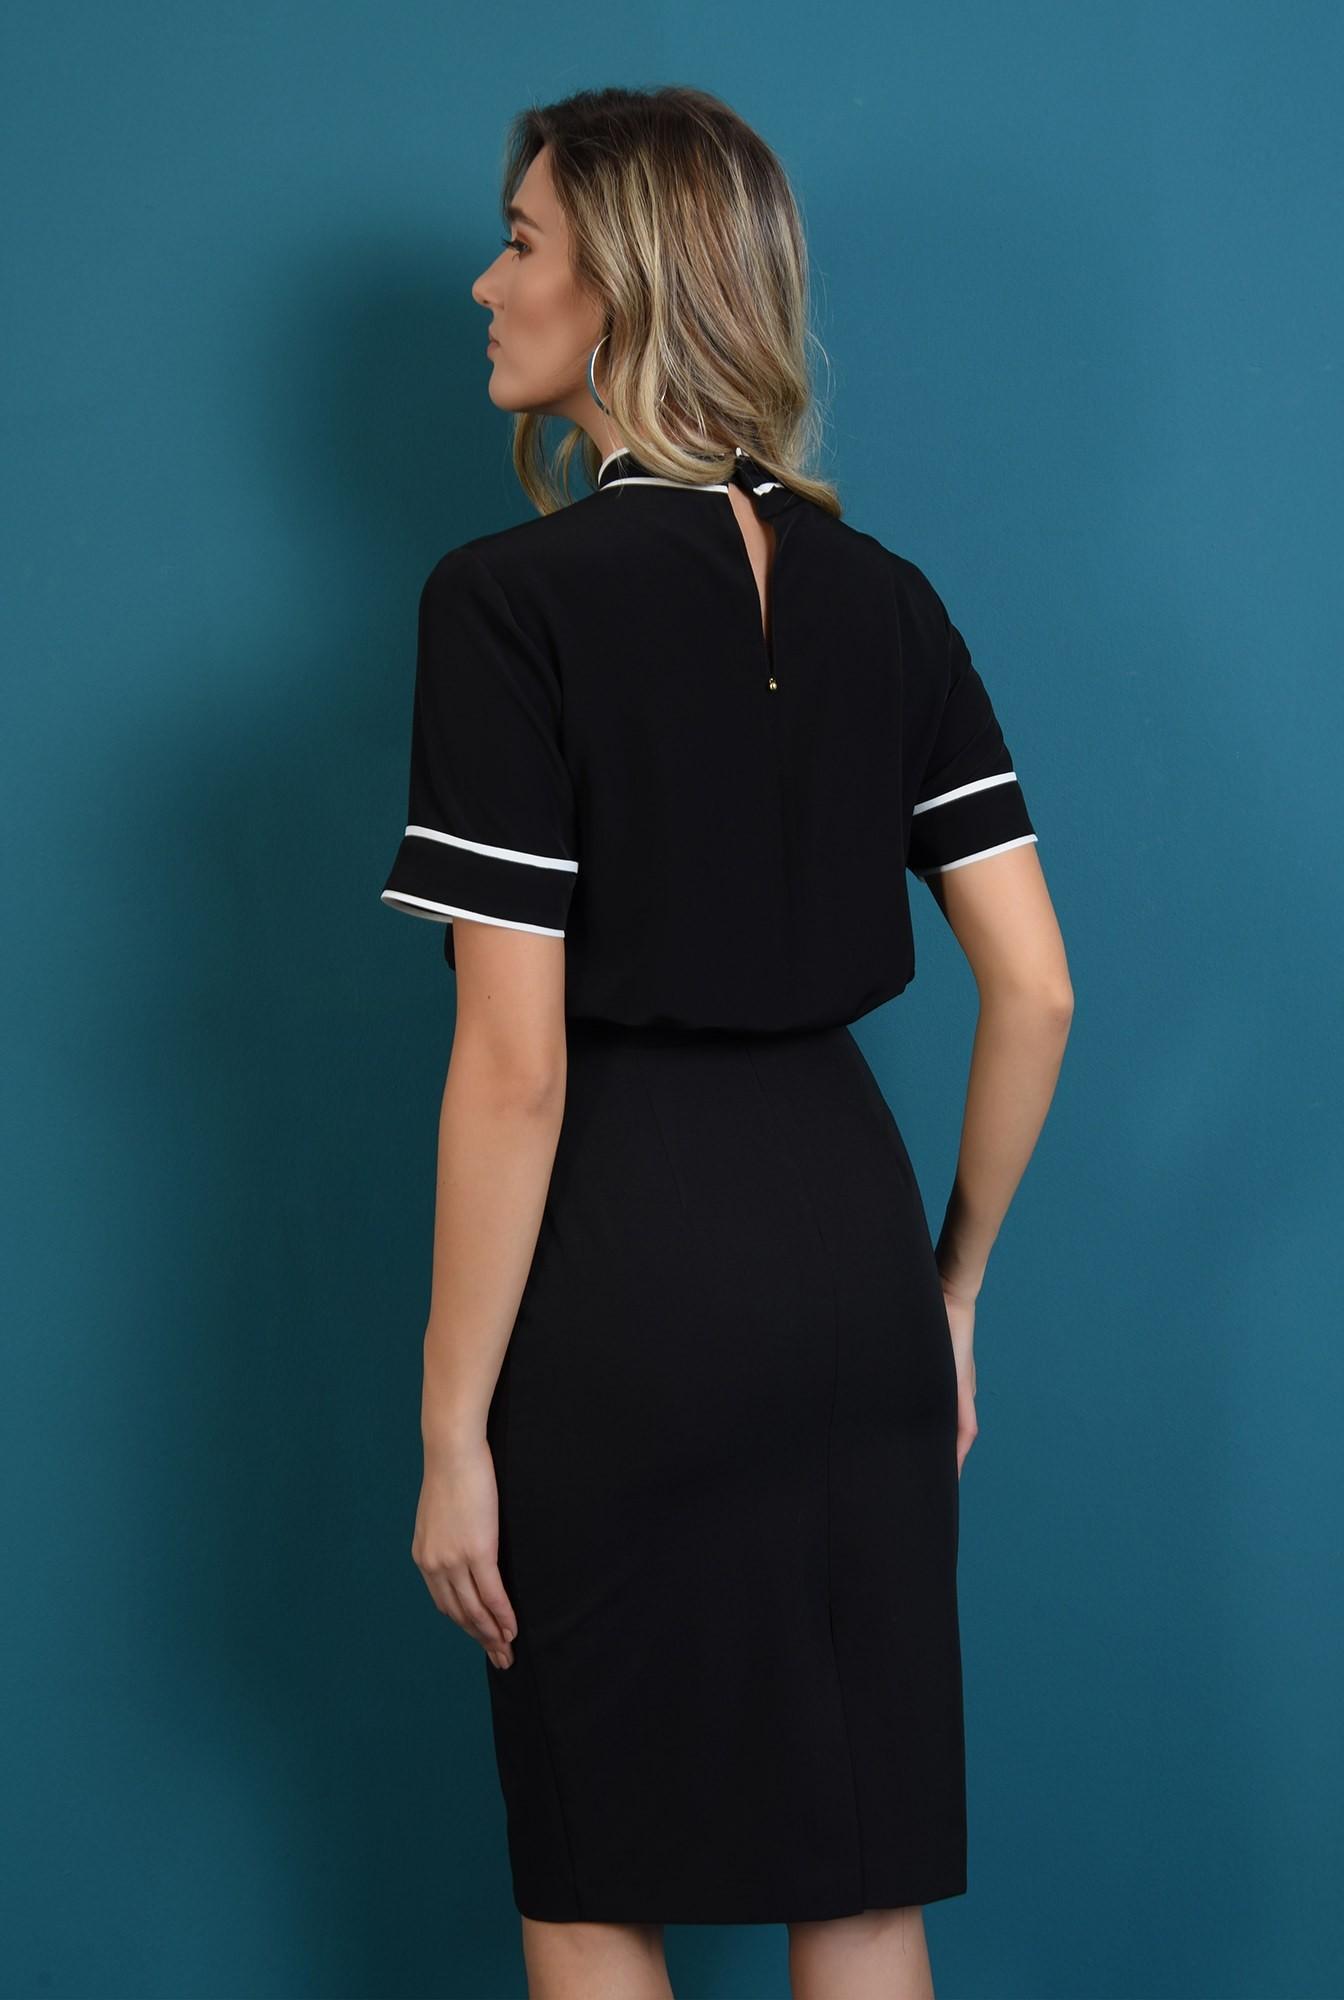 1 - bluza casual, neagra, cu esarfa la baza gatului